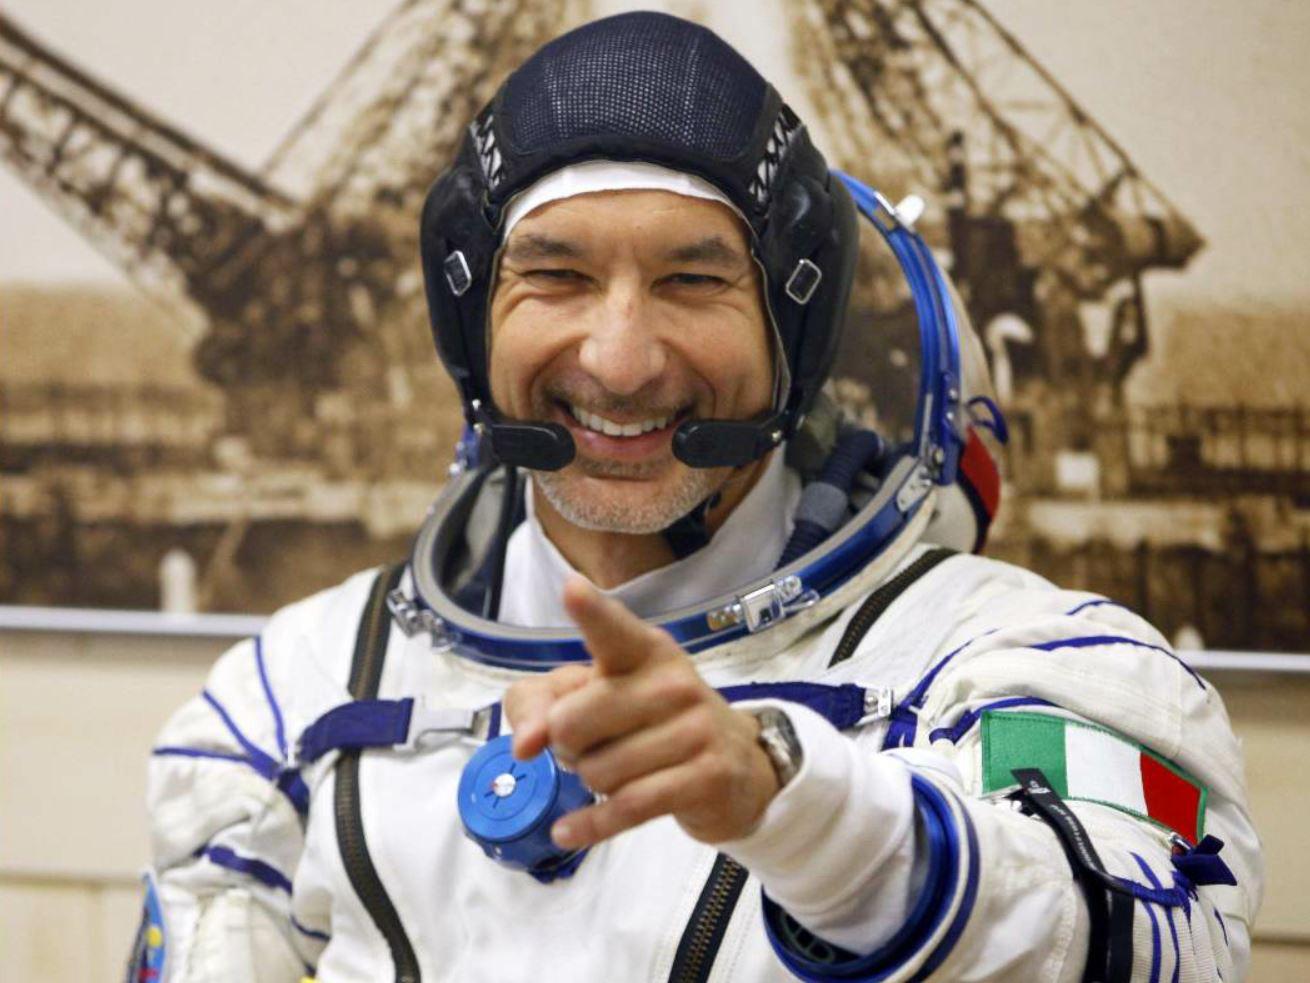 Luca Parmitano, passeggiata da record  sullo Spazio prima del rientro